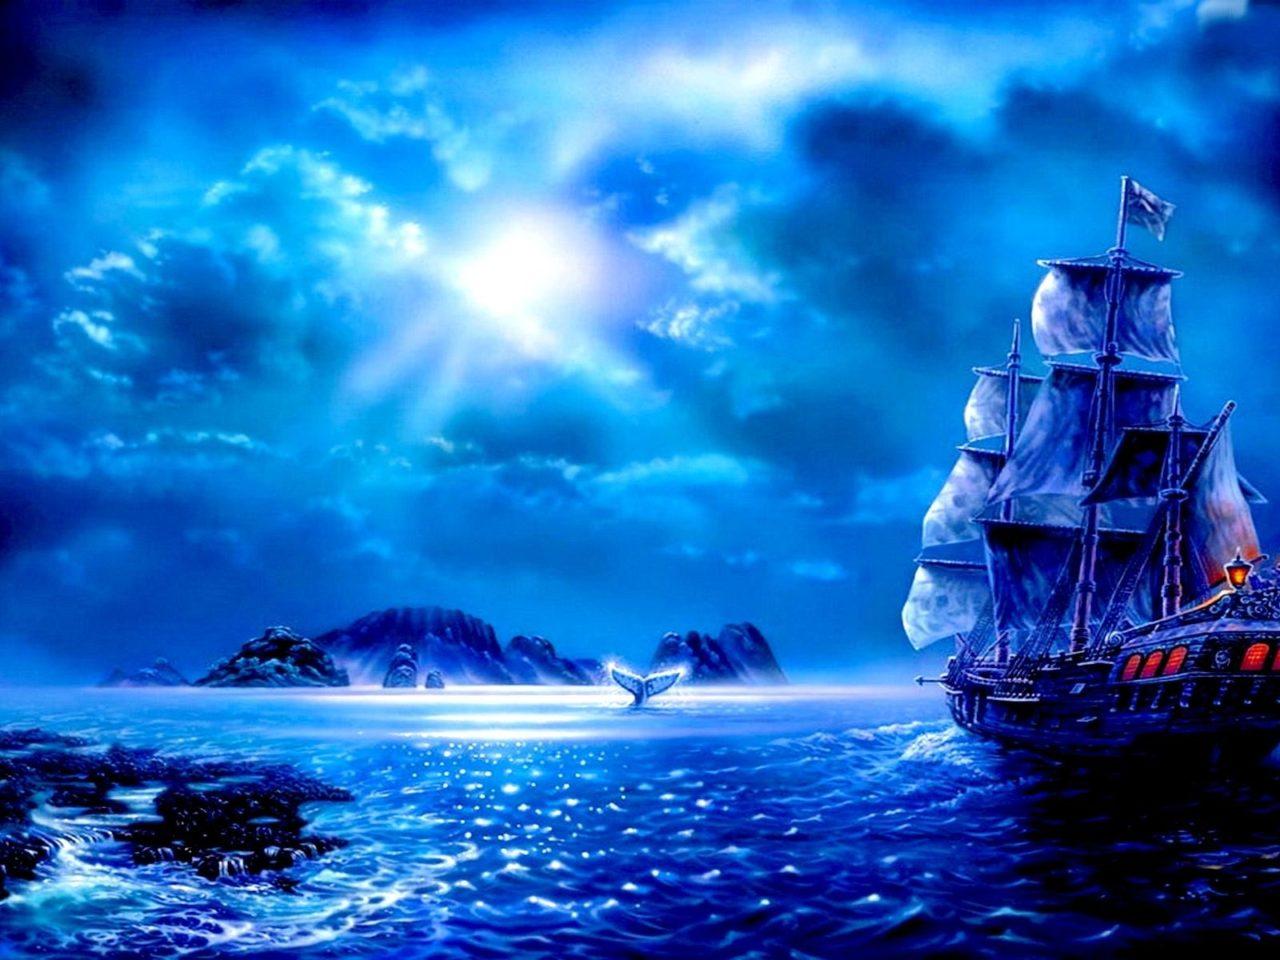 Bateau Pirate Fond D Ecran Hd Dernier Telechargement De Fond D Ecran 1280x960 Wallpapertip